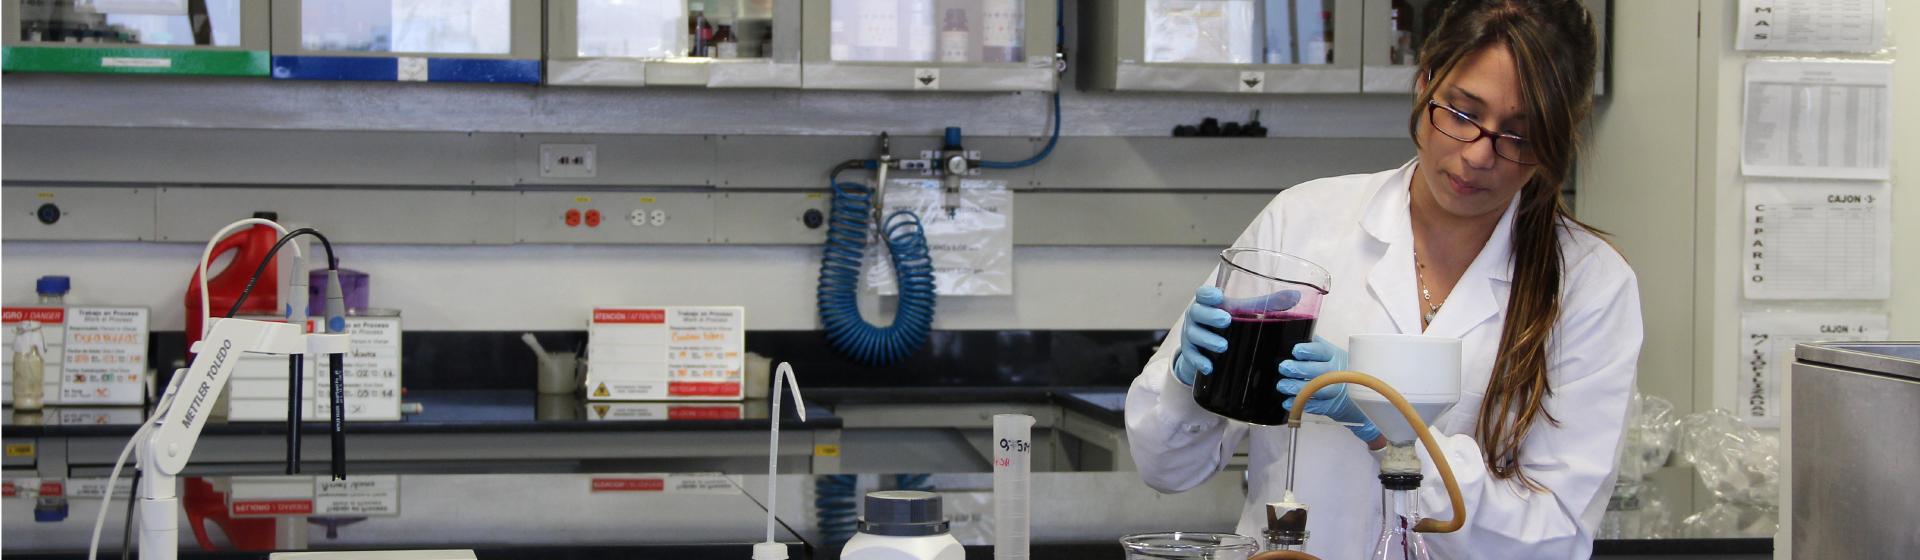 universidad-andes-ingenieraia-quimica-uniandes-grupo-diseno-productos-procesos.png